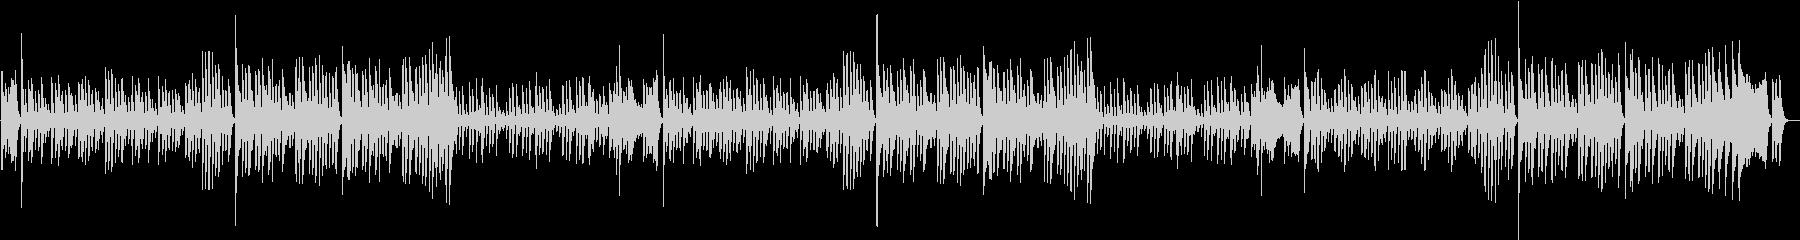 定番!ジングルベルのXmasピアノBGMの未再生の波形